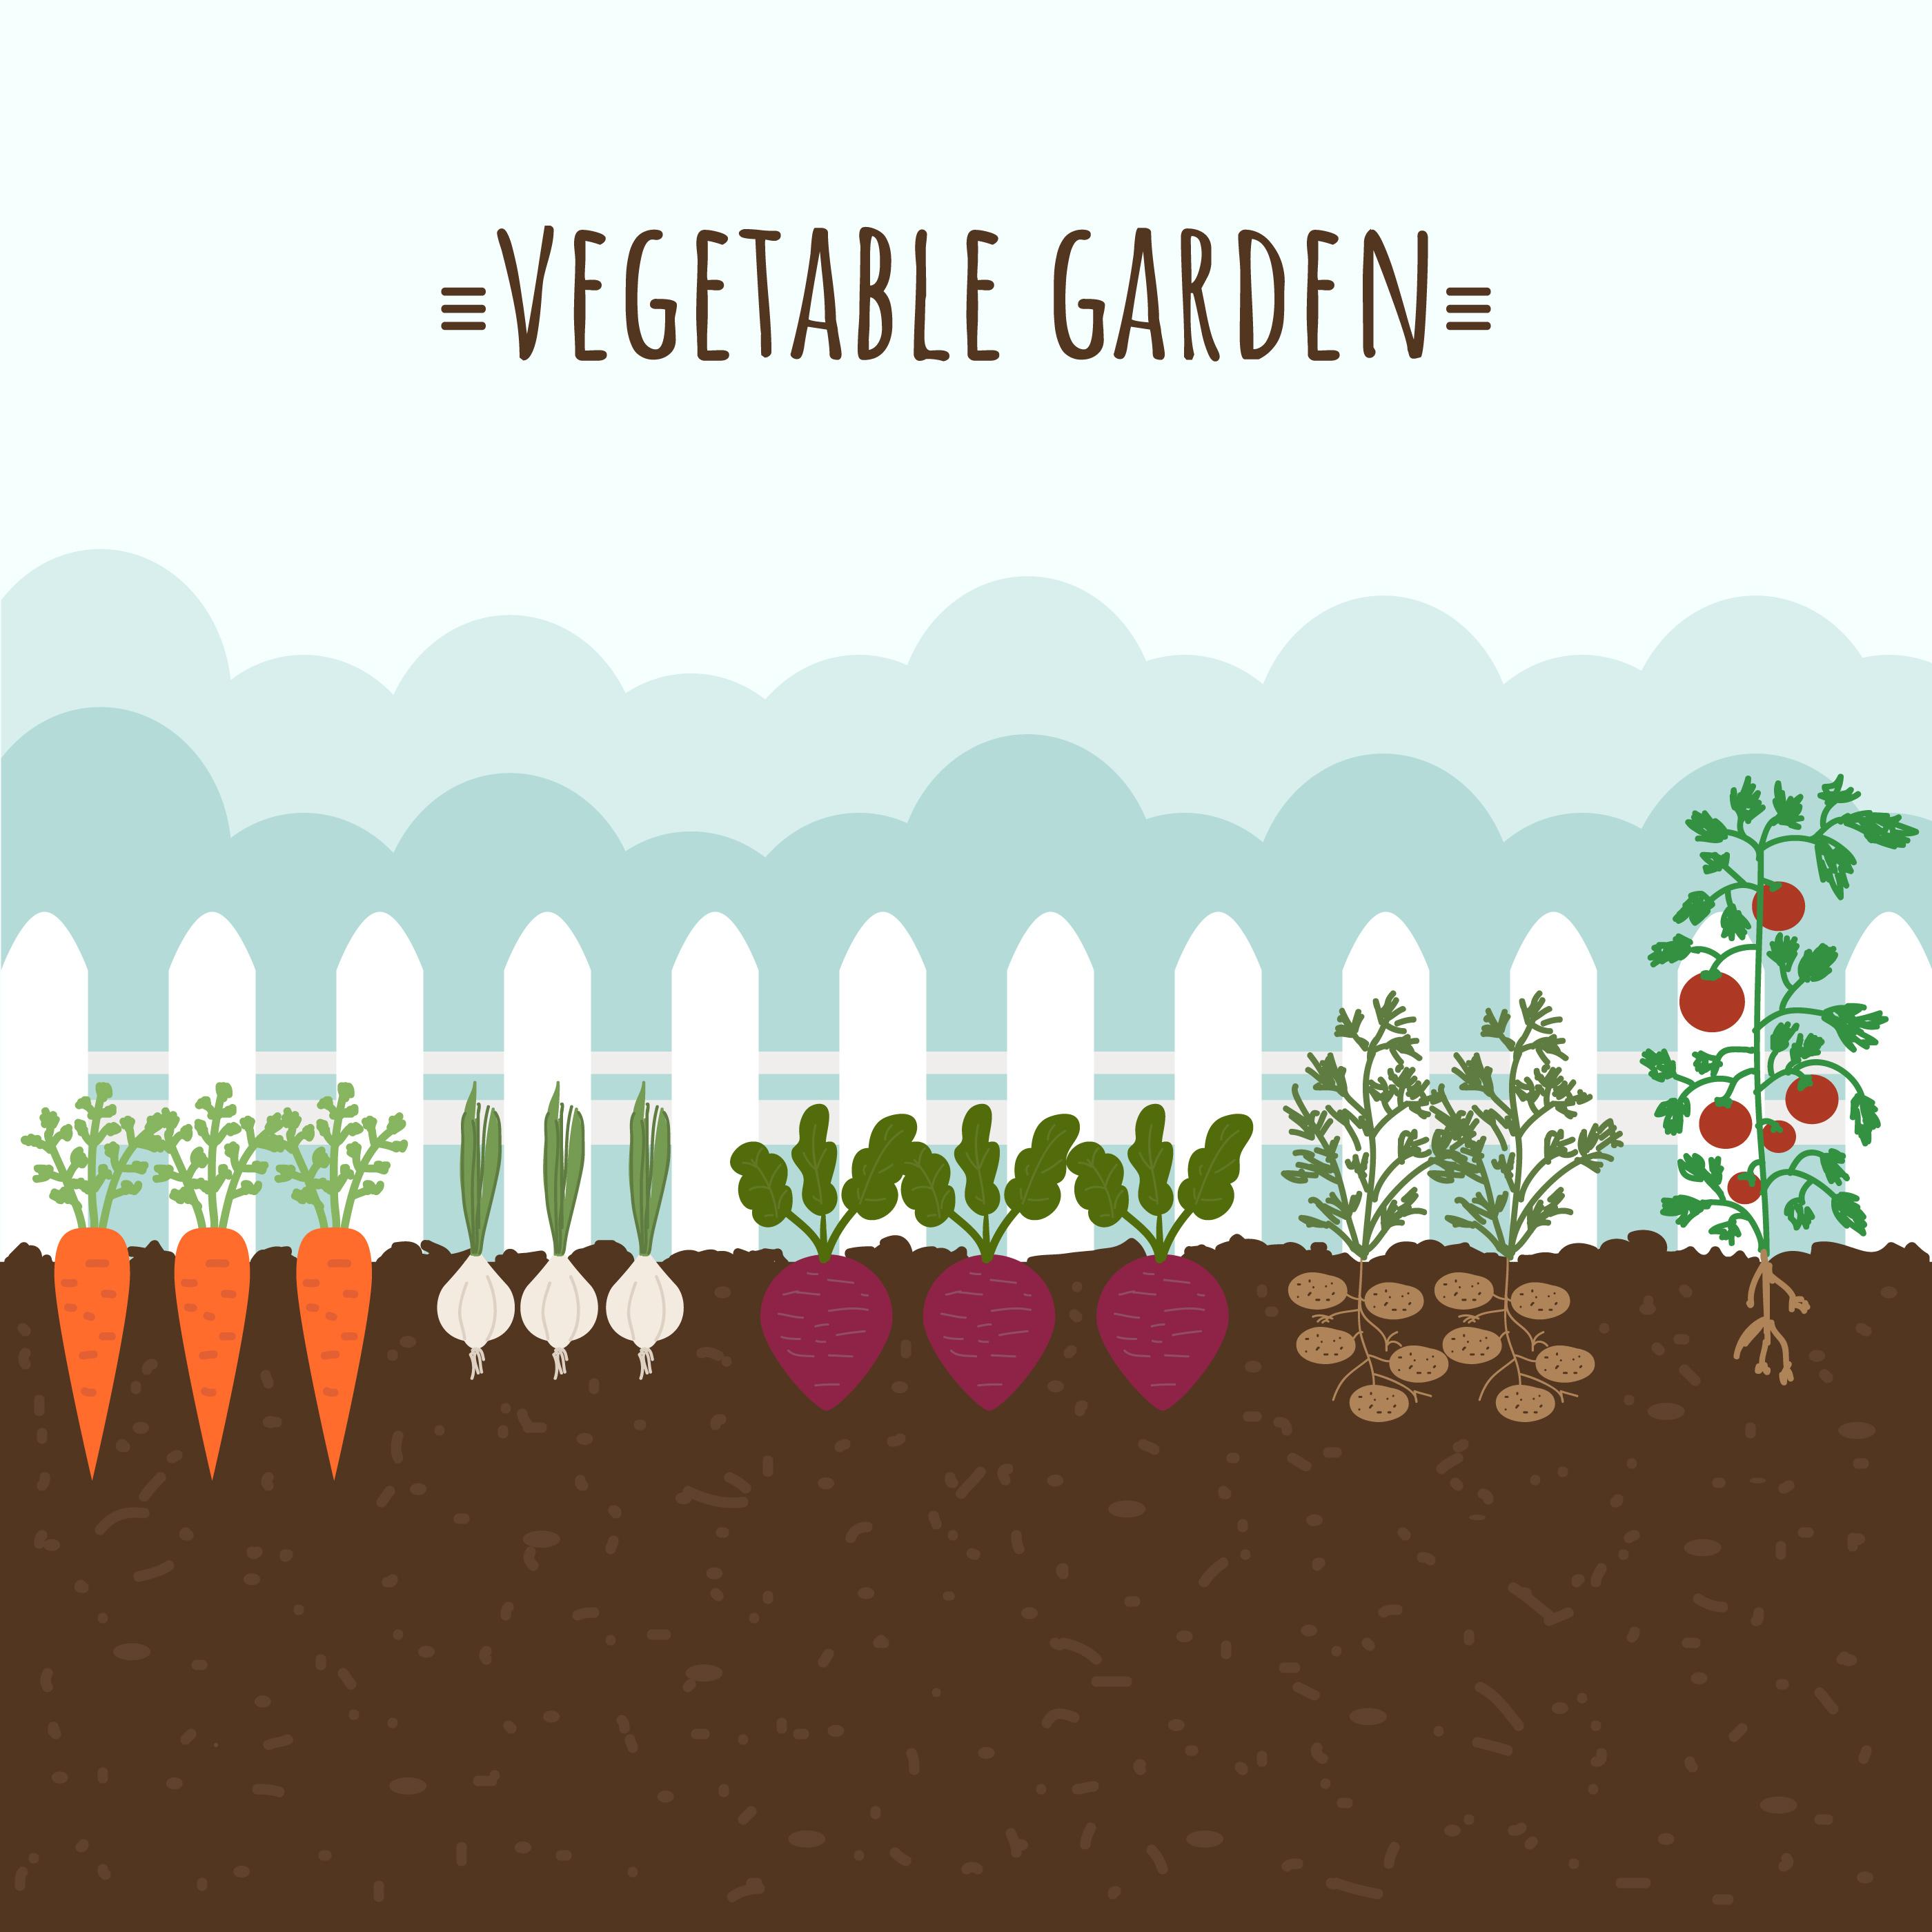 Vegetable Garden Free Vector Art , (15,270 Free Downloads)